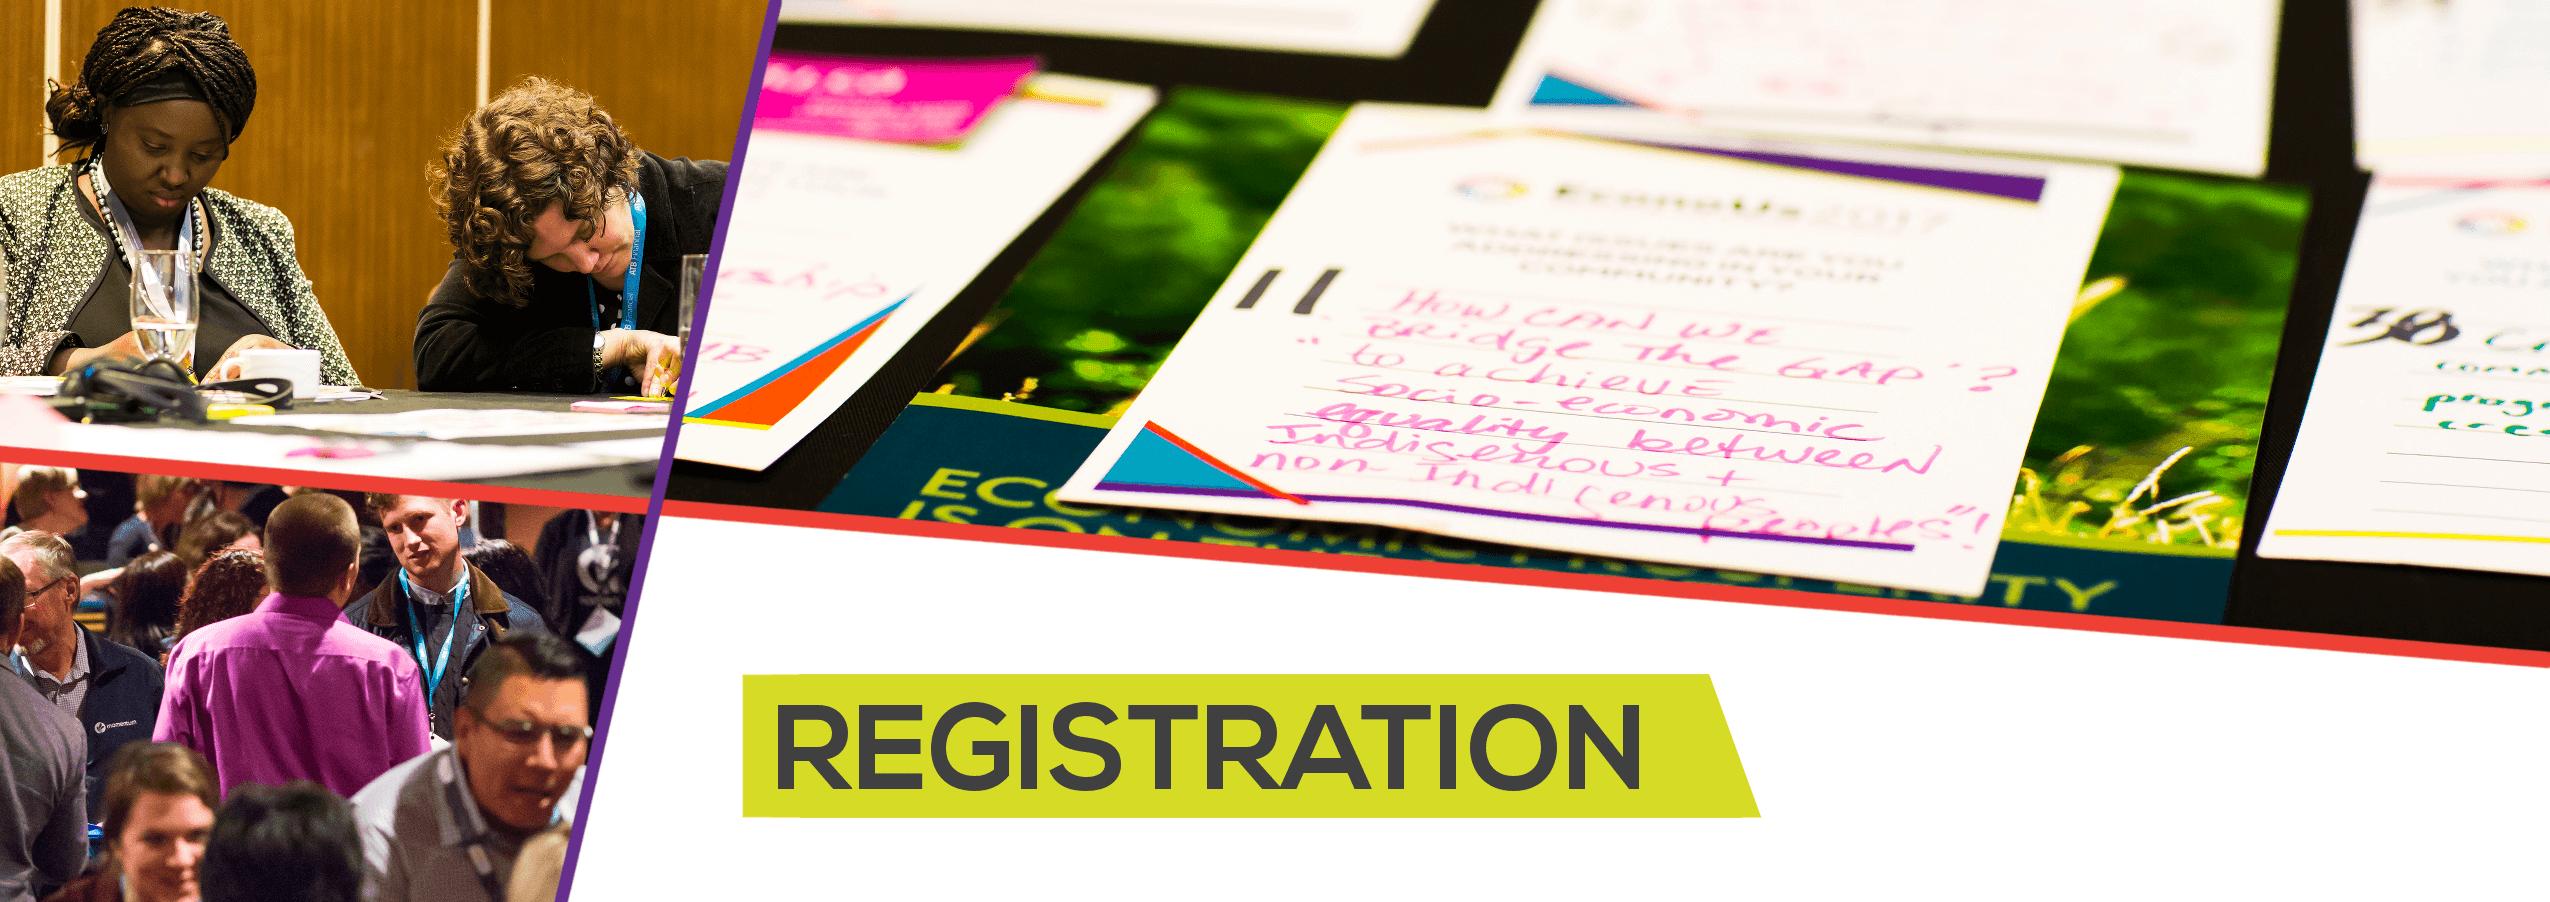 EconoUs2018 Registration